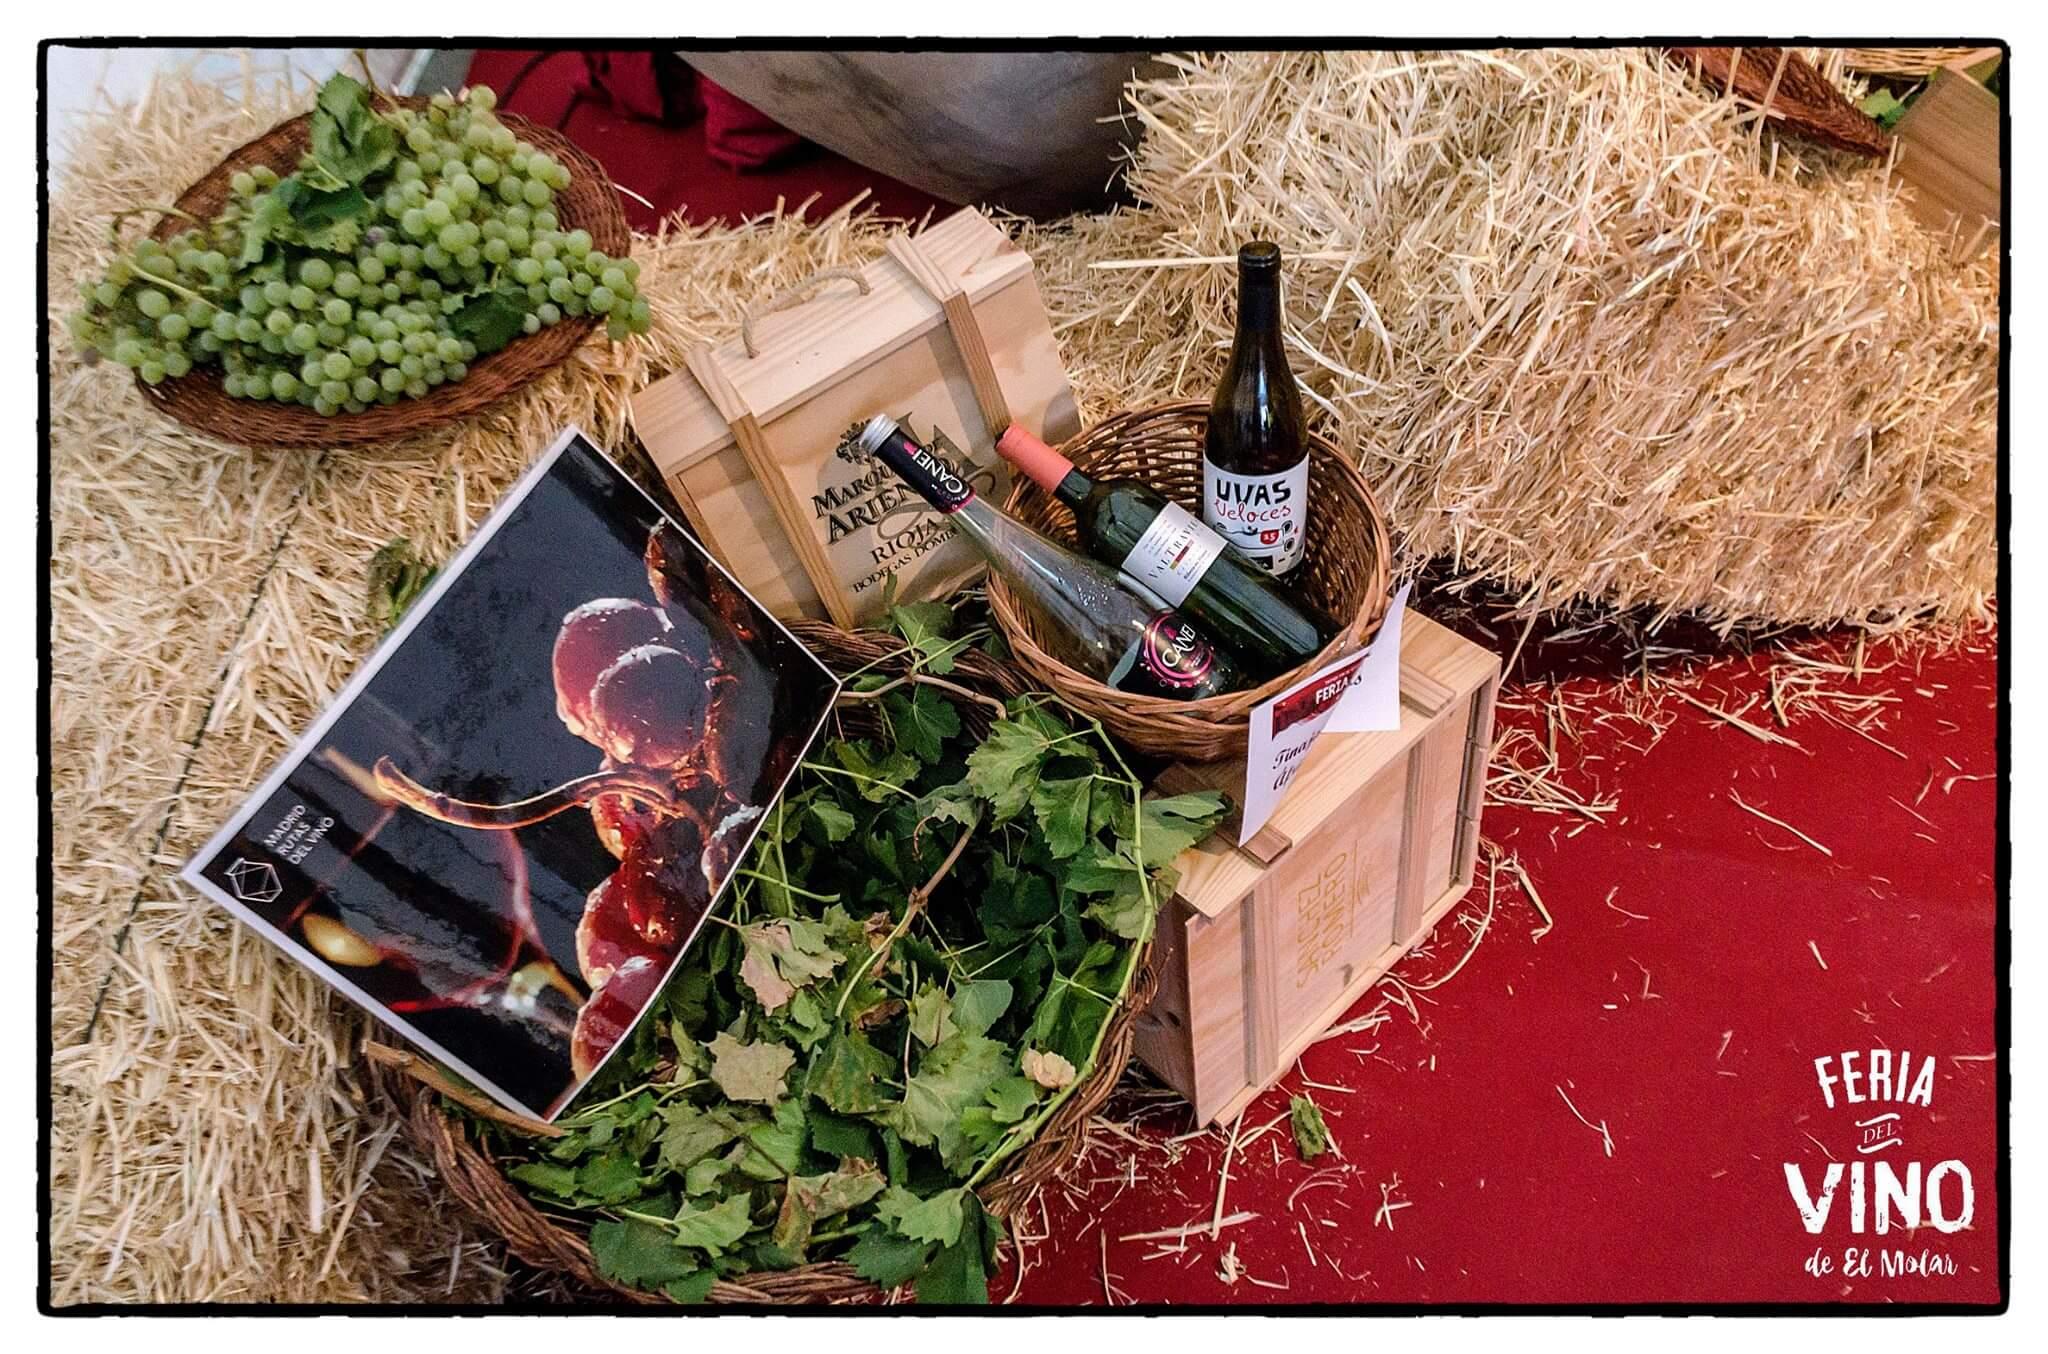 Feria del Vino de El Molar